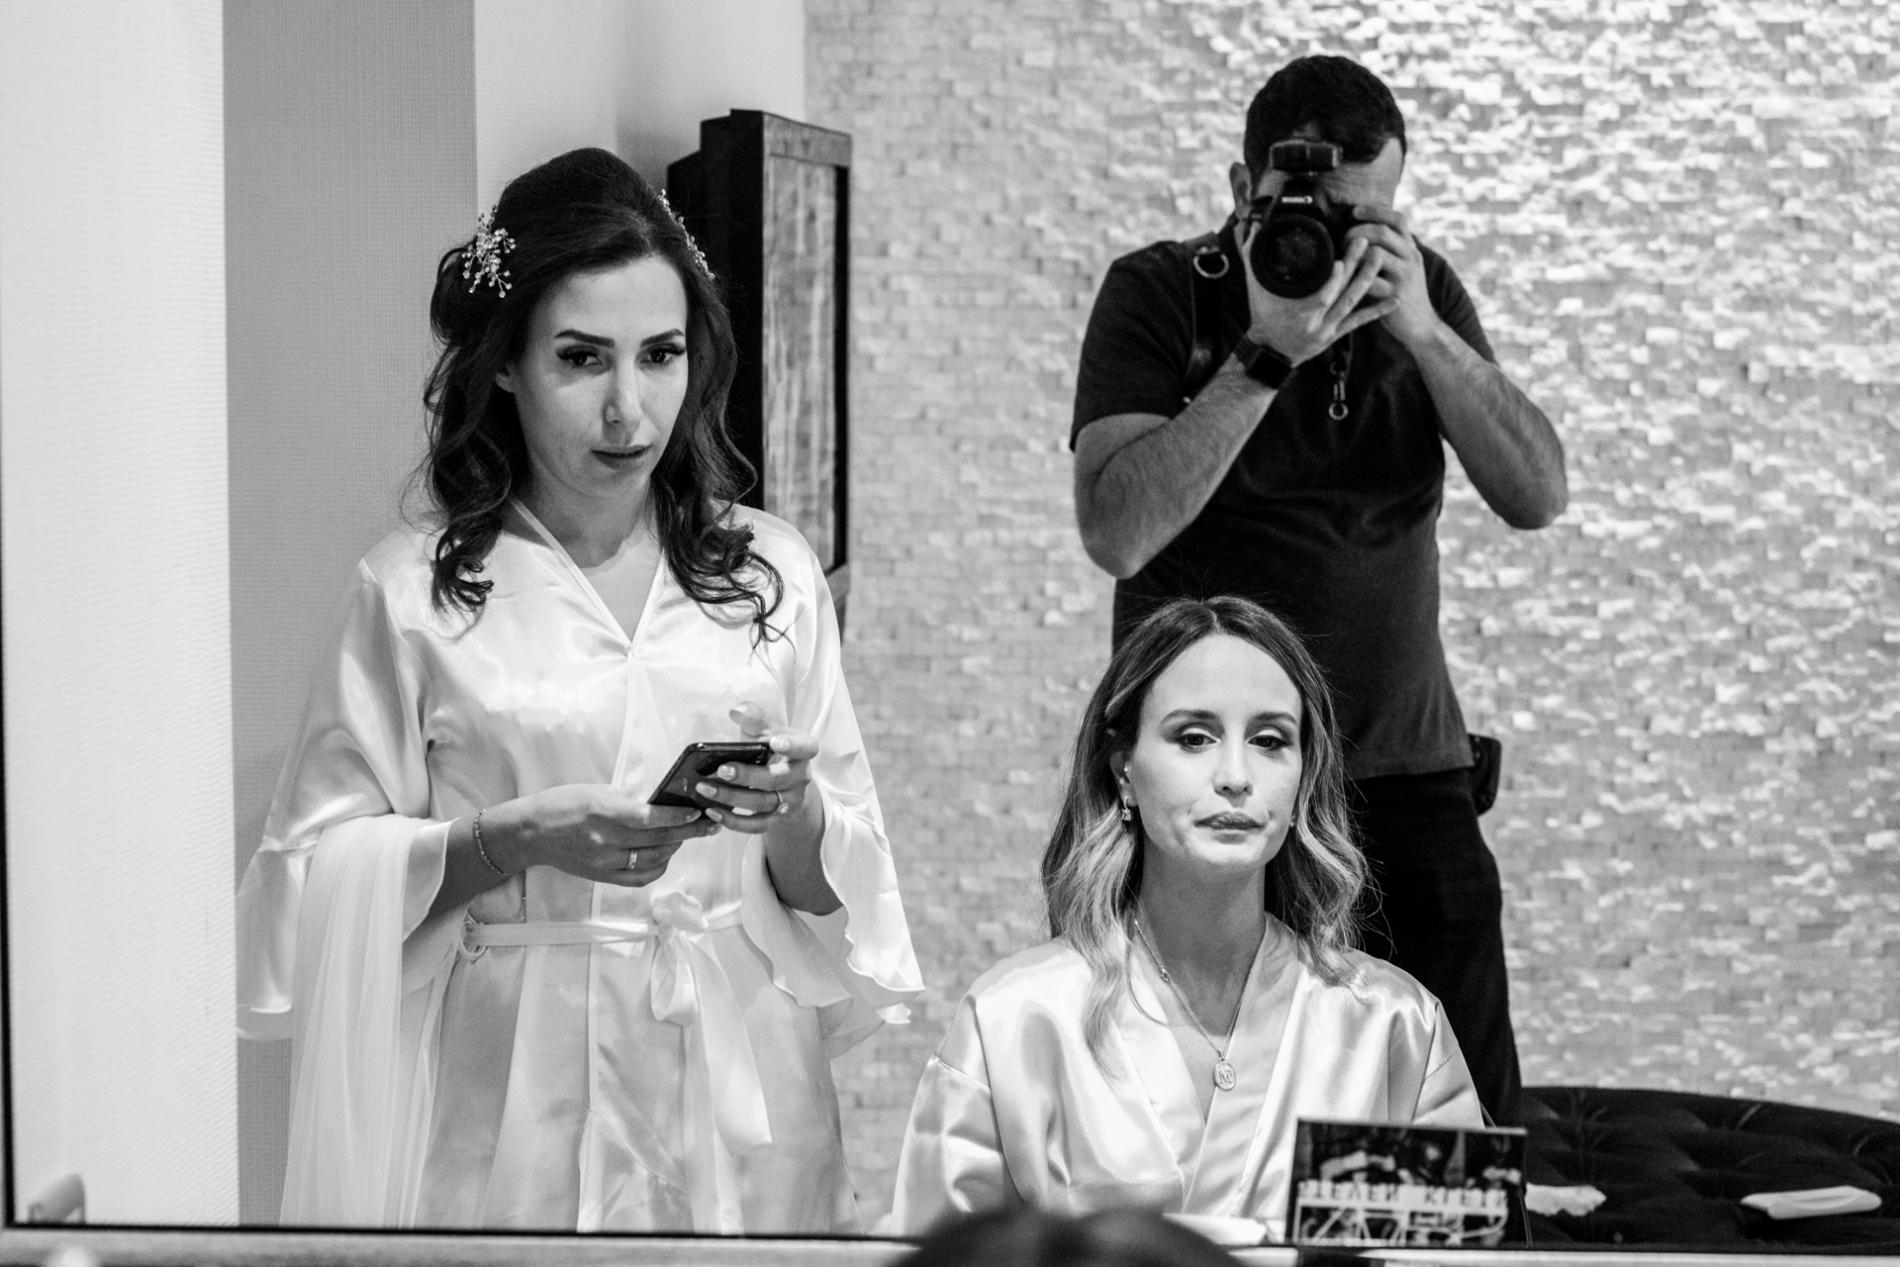 Orçun Yalçın huwelijksfotograaf werkt op een bruiloft